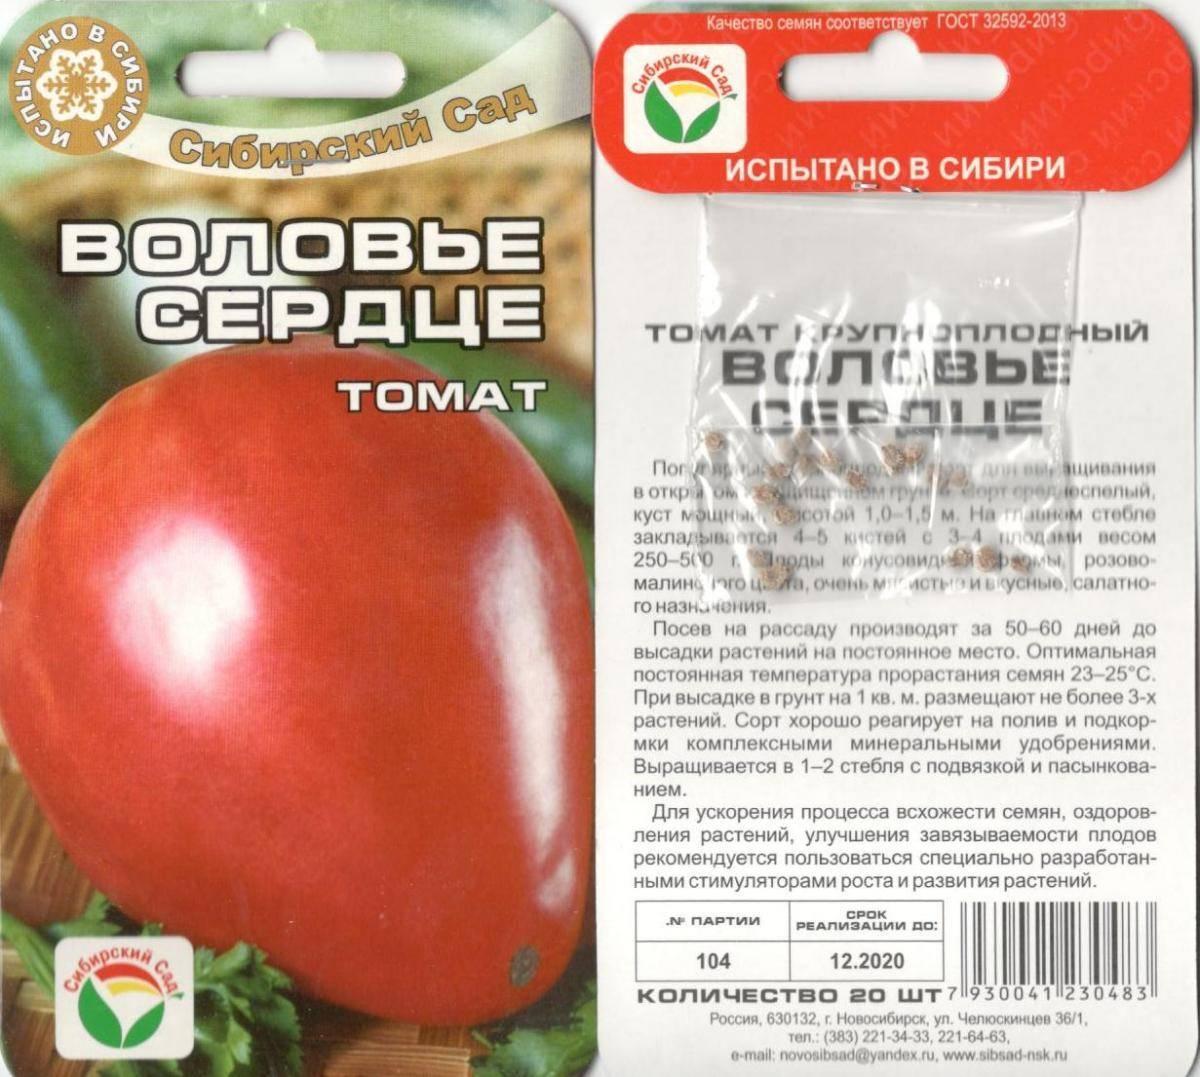 Томат супербомба - характеристика и описание сорта, фото, урожайность, отзывы овощеводов, видео